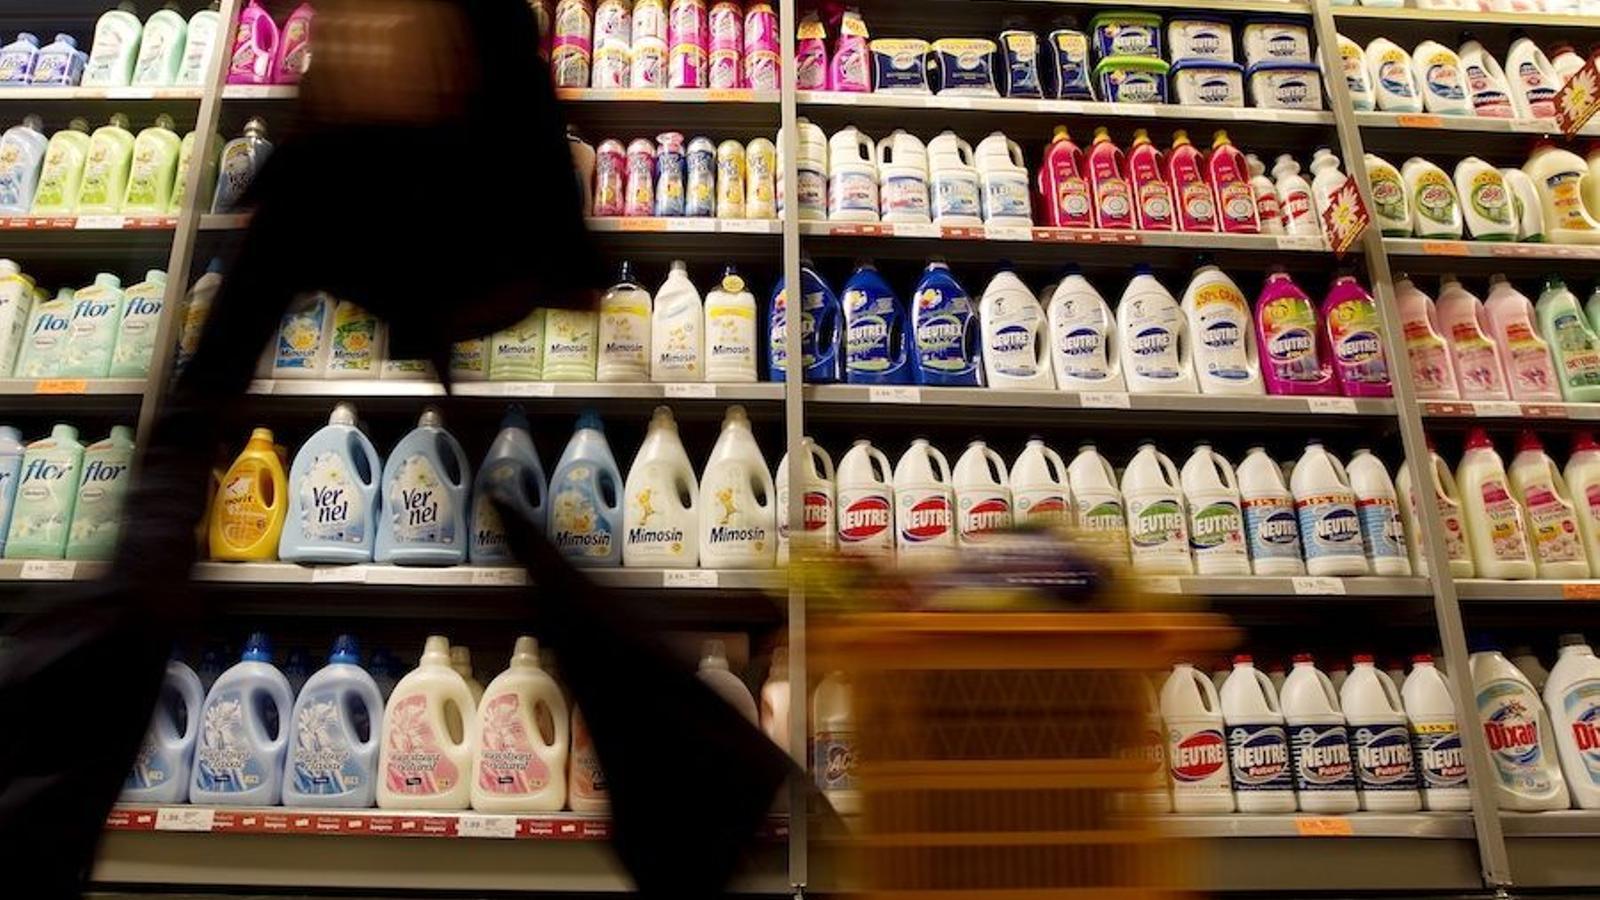 Consum no recuperarà la retolació en valencià dels productes en què la va retirar